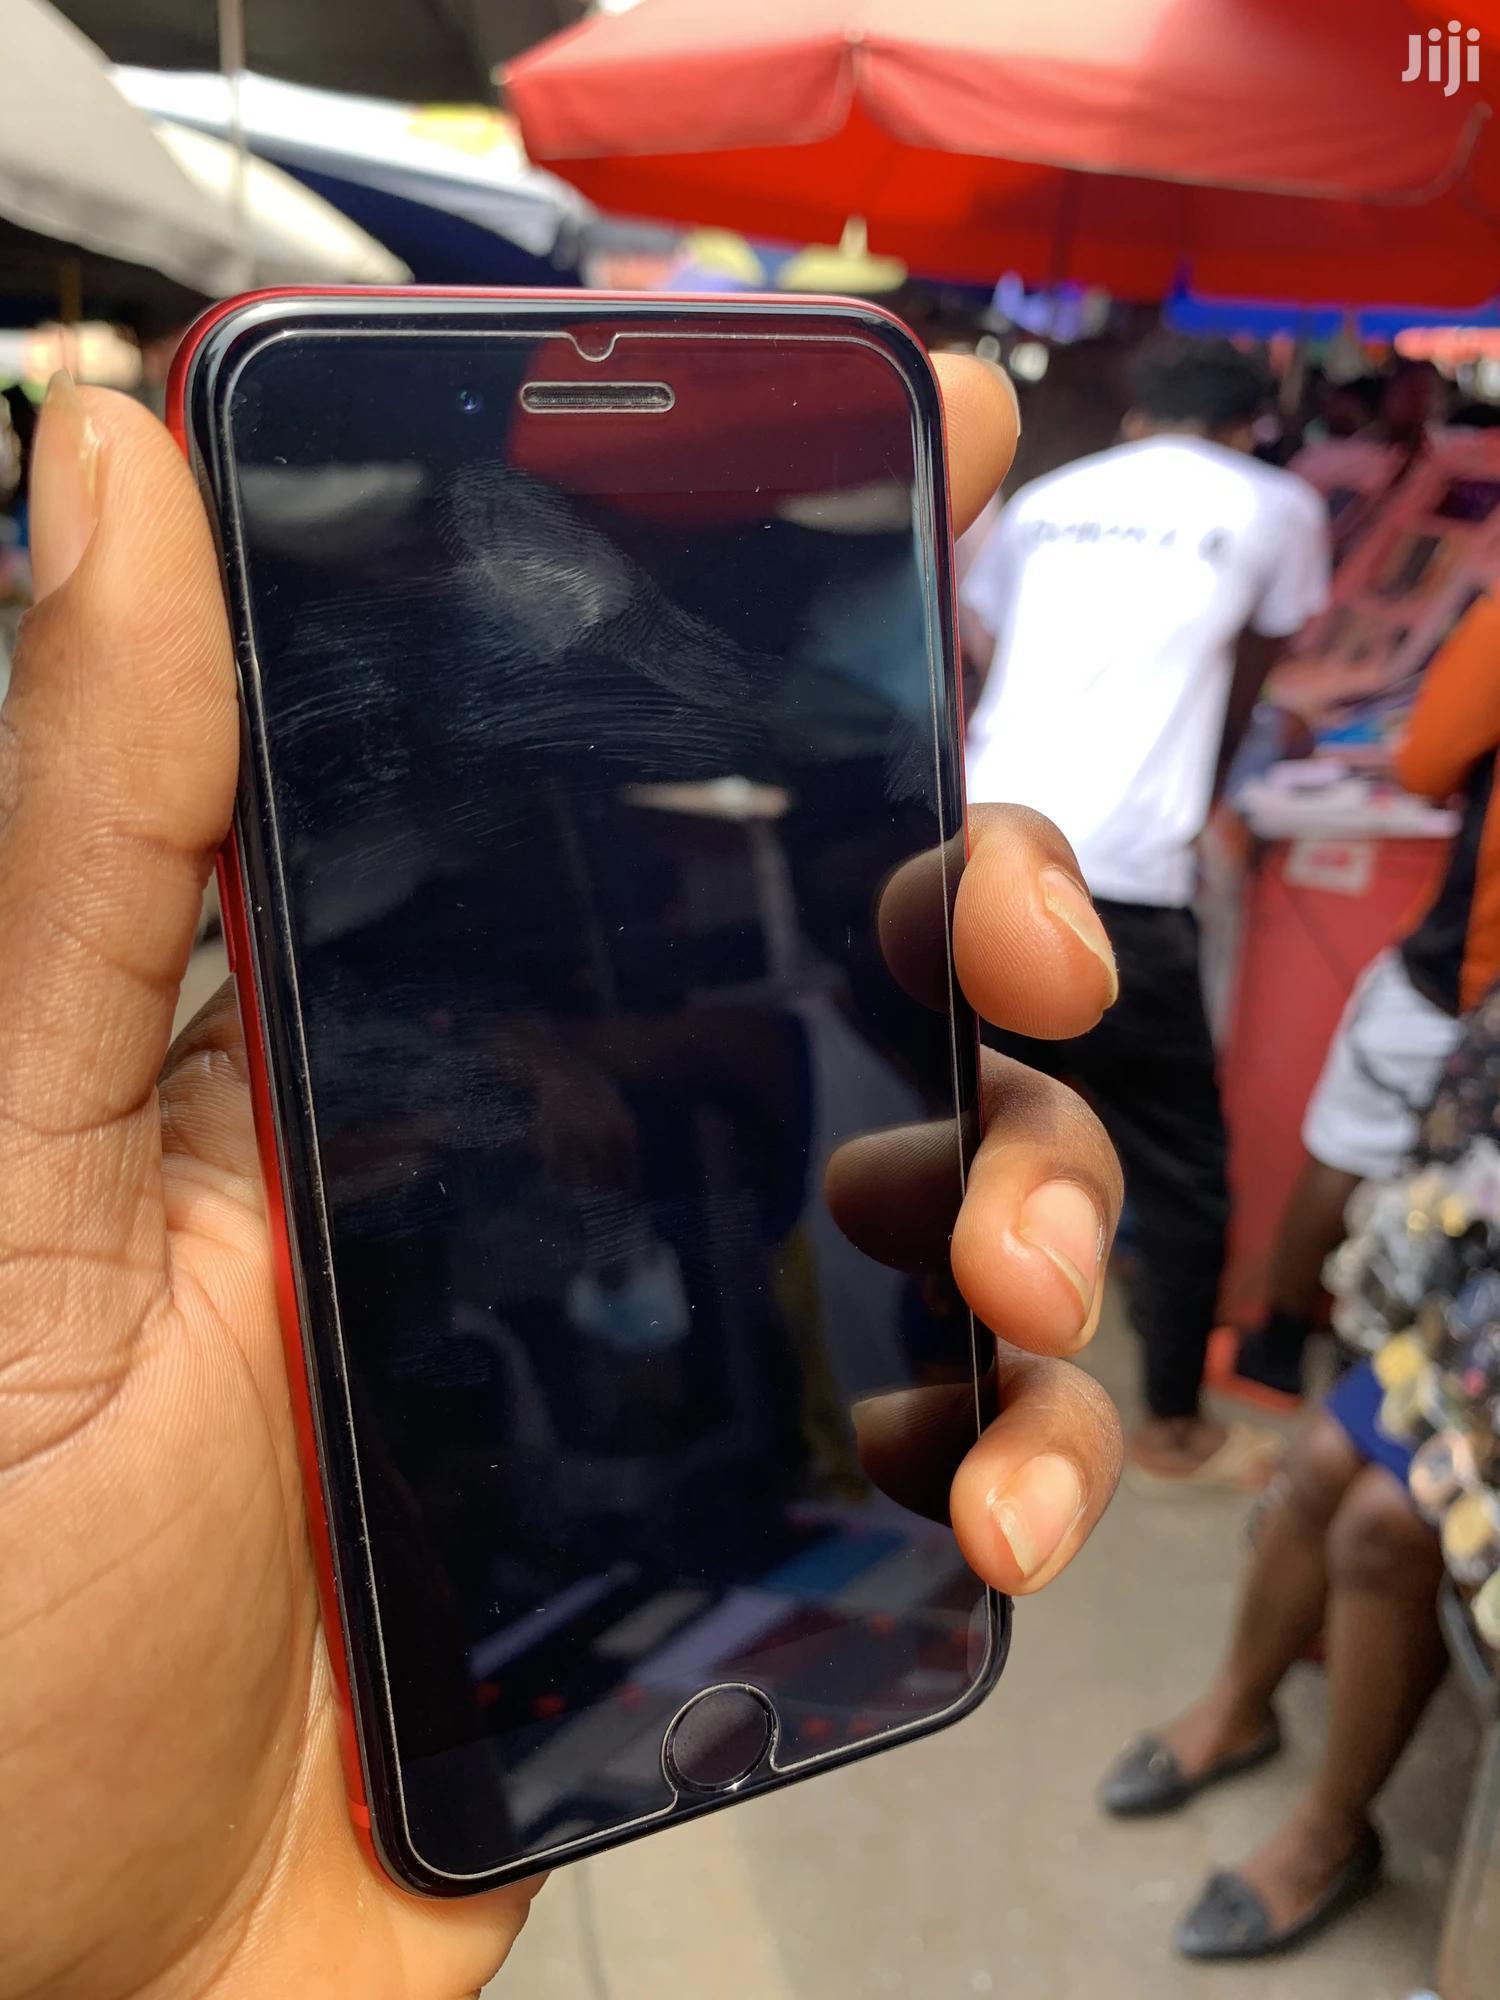 Apple iPhone SE (2020) 64 GB Red | Mobile Phones for sale in Kumasi Metropolitan, Ashanti, Ghana